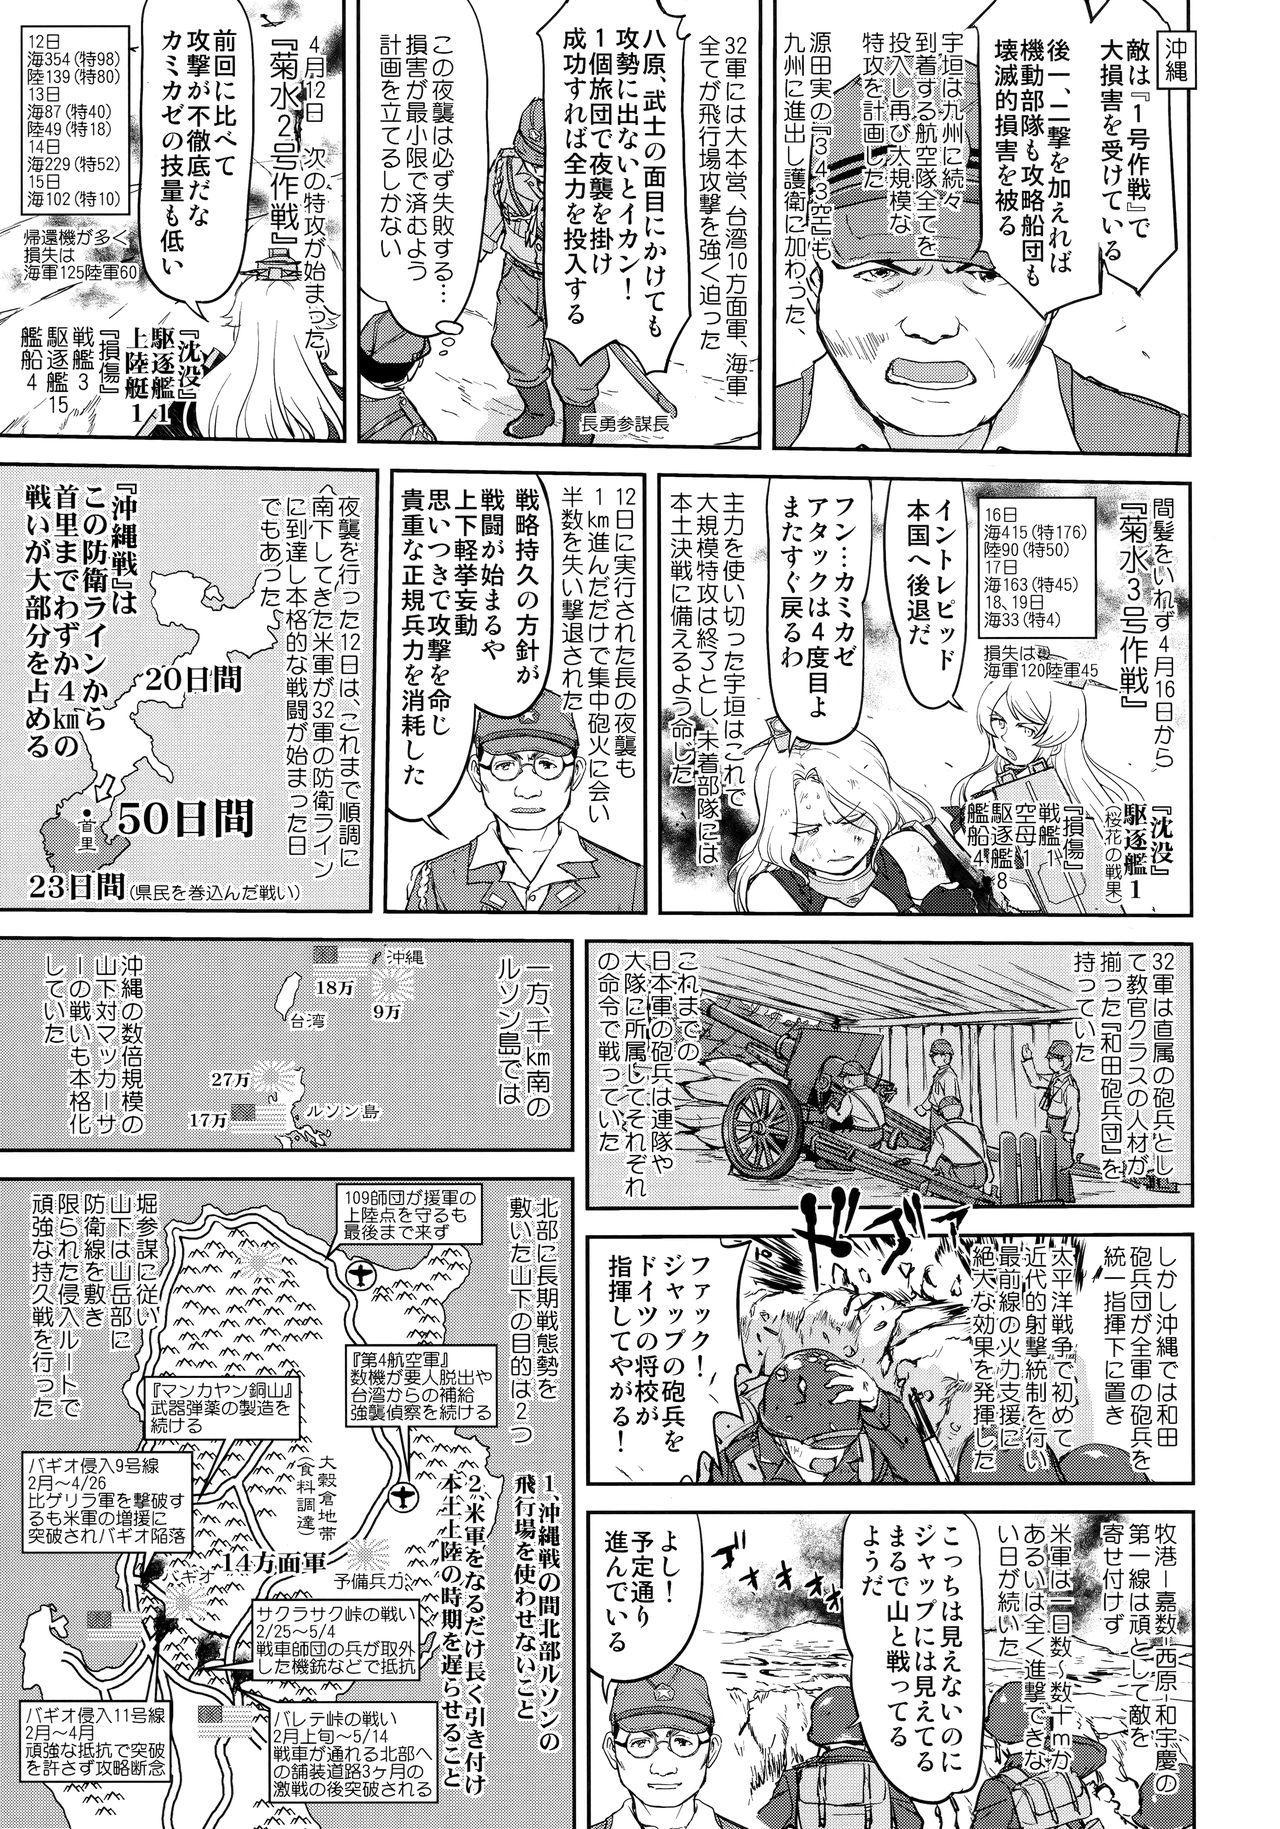 Teitoku no Ketsudan Kanmusu no Ichiban Nagai Hi 21